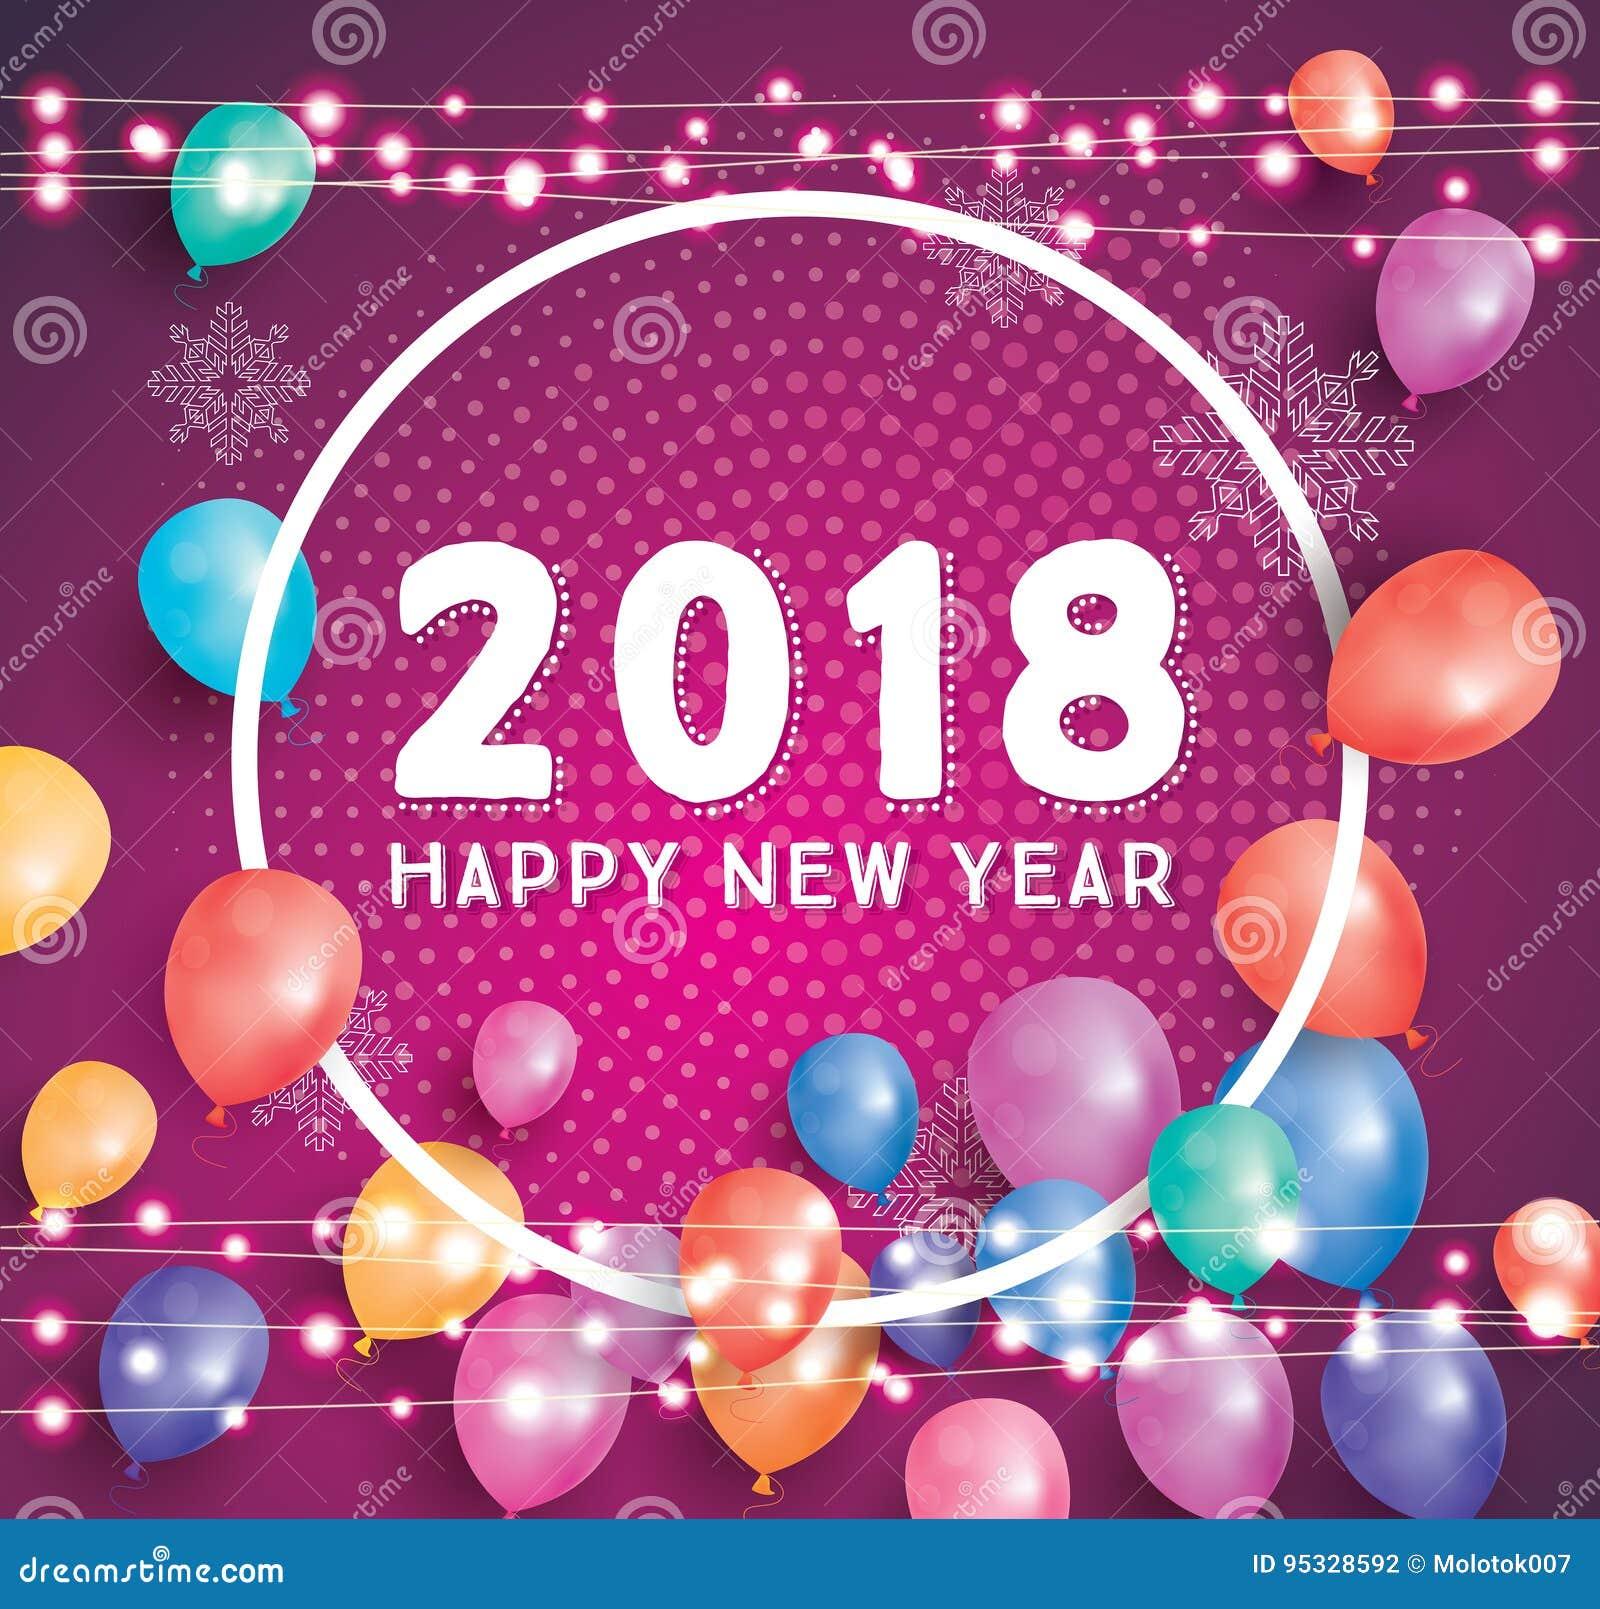 Guten Rutsch Ins Neue Jahr-Gruß-Karte 2018 Mit Fliegen-Ballonen ...